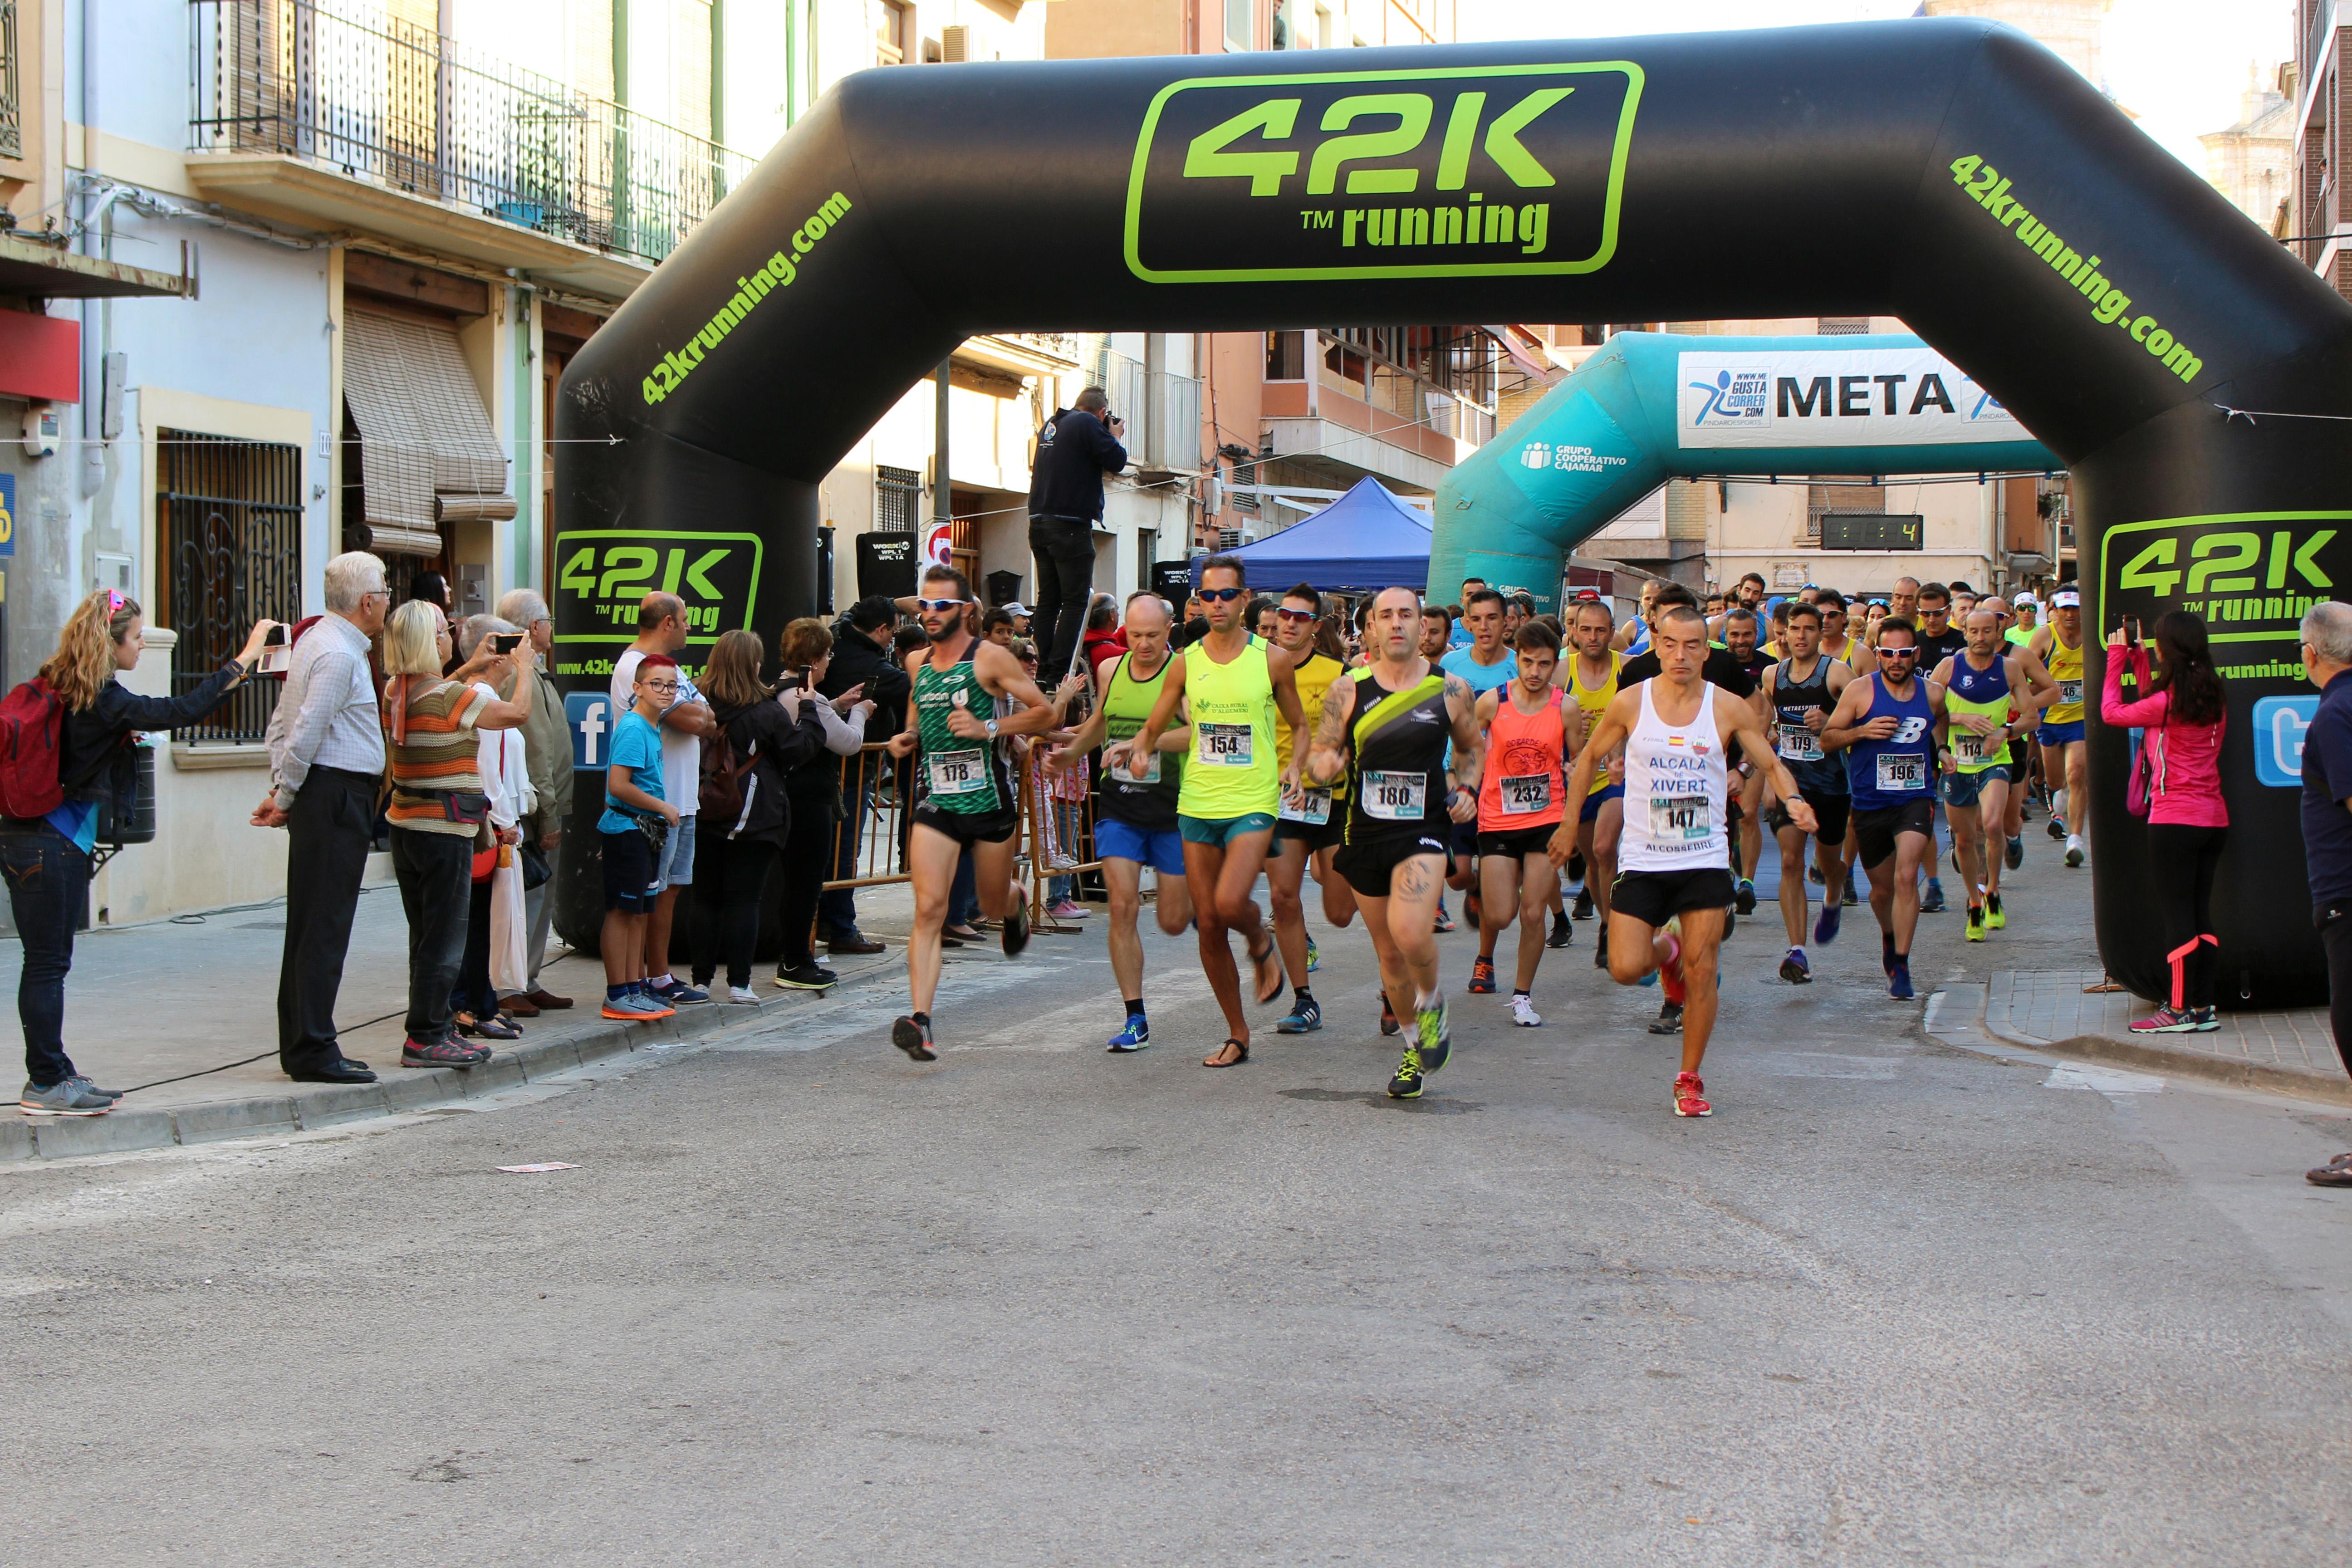 El primero en llegar a meta fue Mario Mirón, del Hinaco Monzón, con un tiempo de 01:14:54.